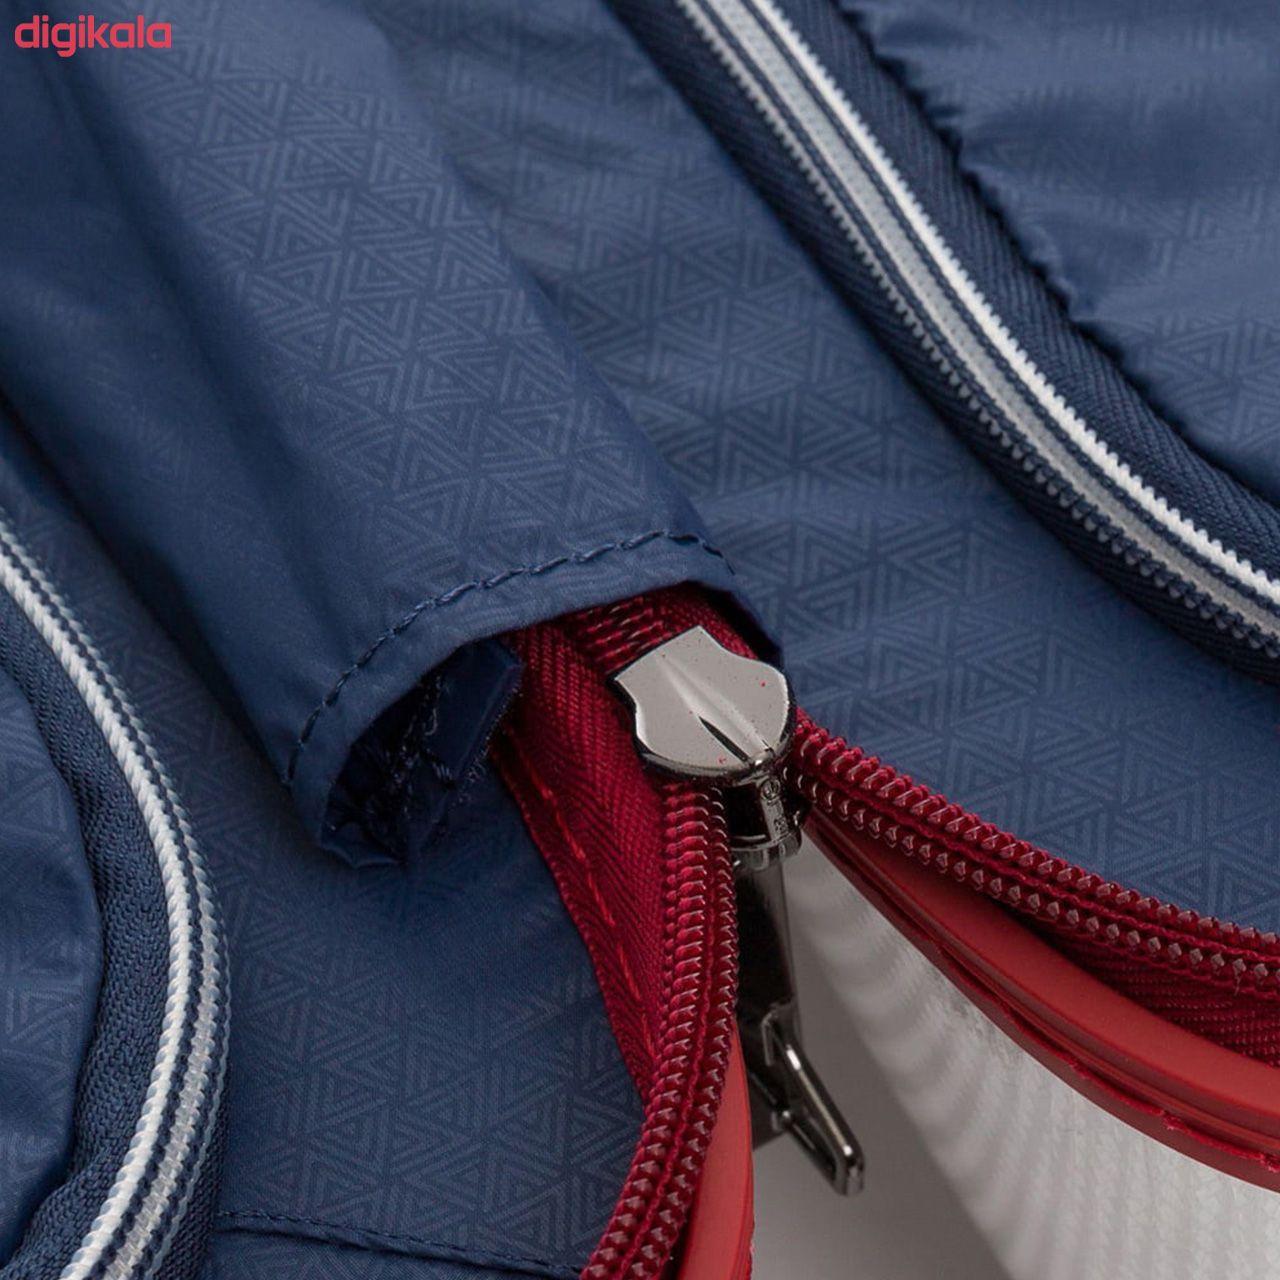 مجموعه سه عددی چمدان رونکاتو مدل 5950 main 1 23